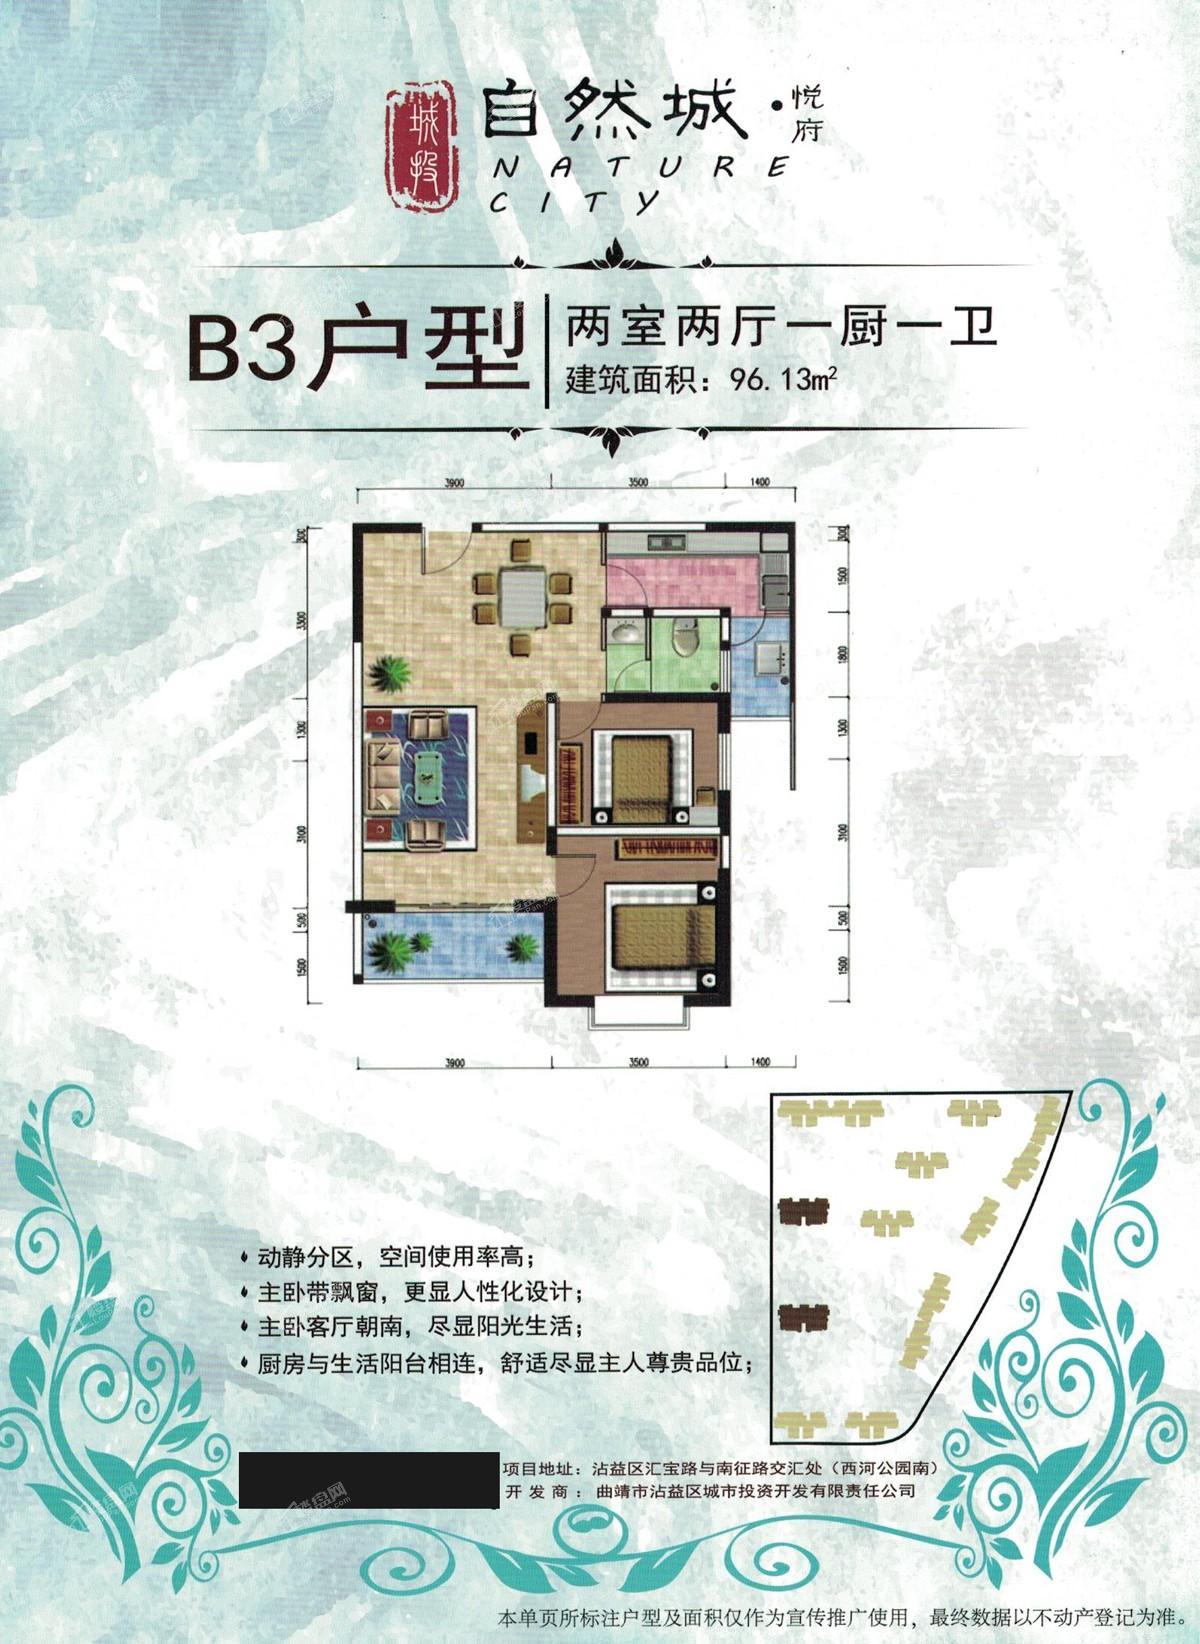 曲靖自然城·悦府户型图3